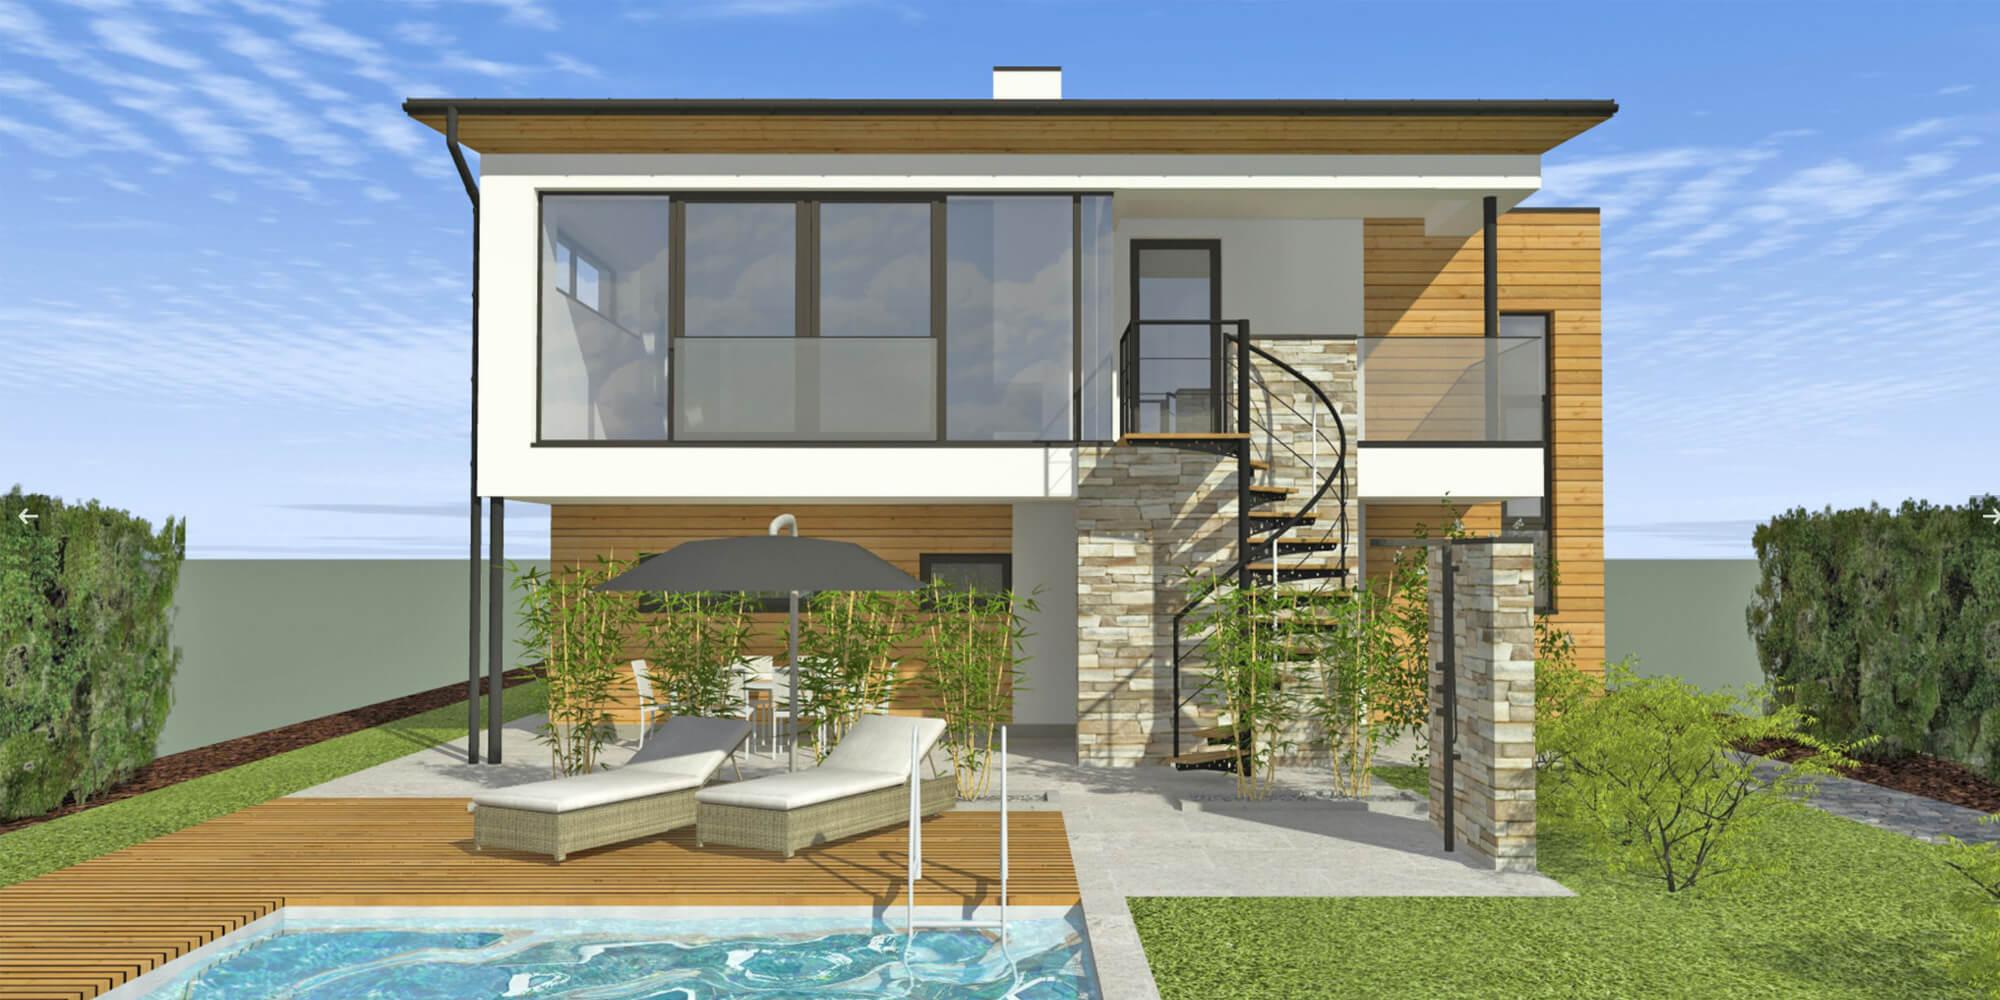 Cre-Plan-Design-Rauch-Frühmann-Architektur-Innenarchitektur-Design-Projekt-Referenz-Rund-ums-Haus-Fassaden-und-Gartengestaltung-2